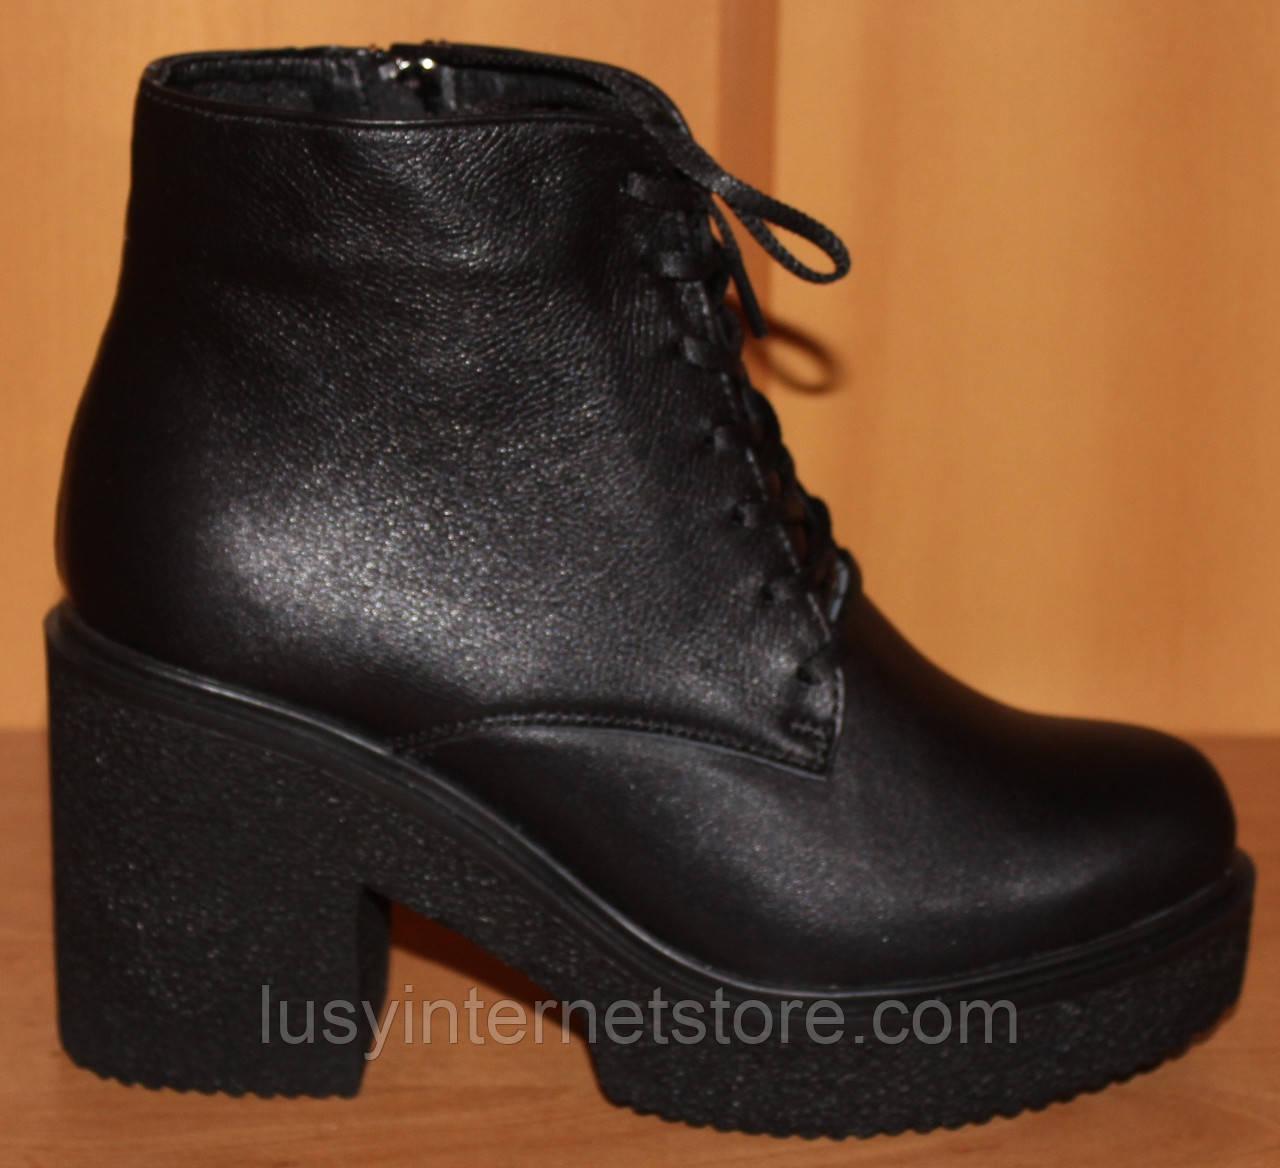 f5c6e2e7 Ботинки зимние женские молодежные кожаные на толстом каблуке, женские  ботинки зима от производителя мод В1626К